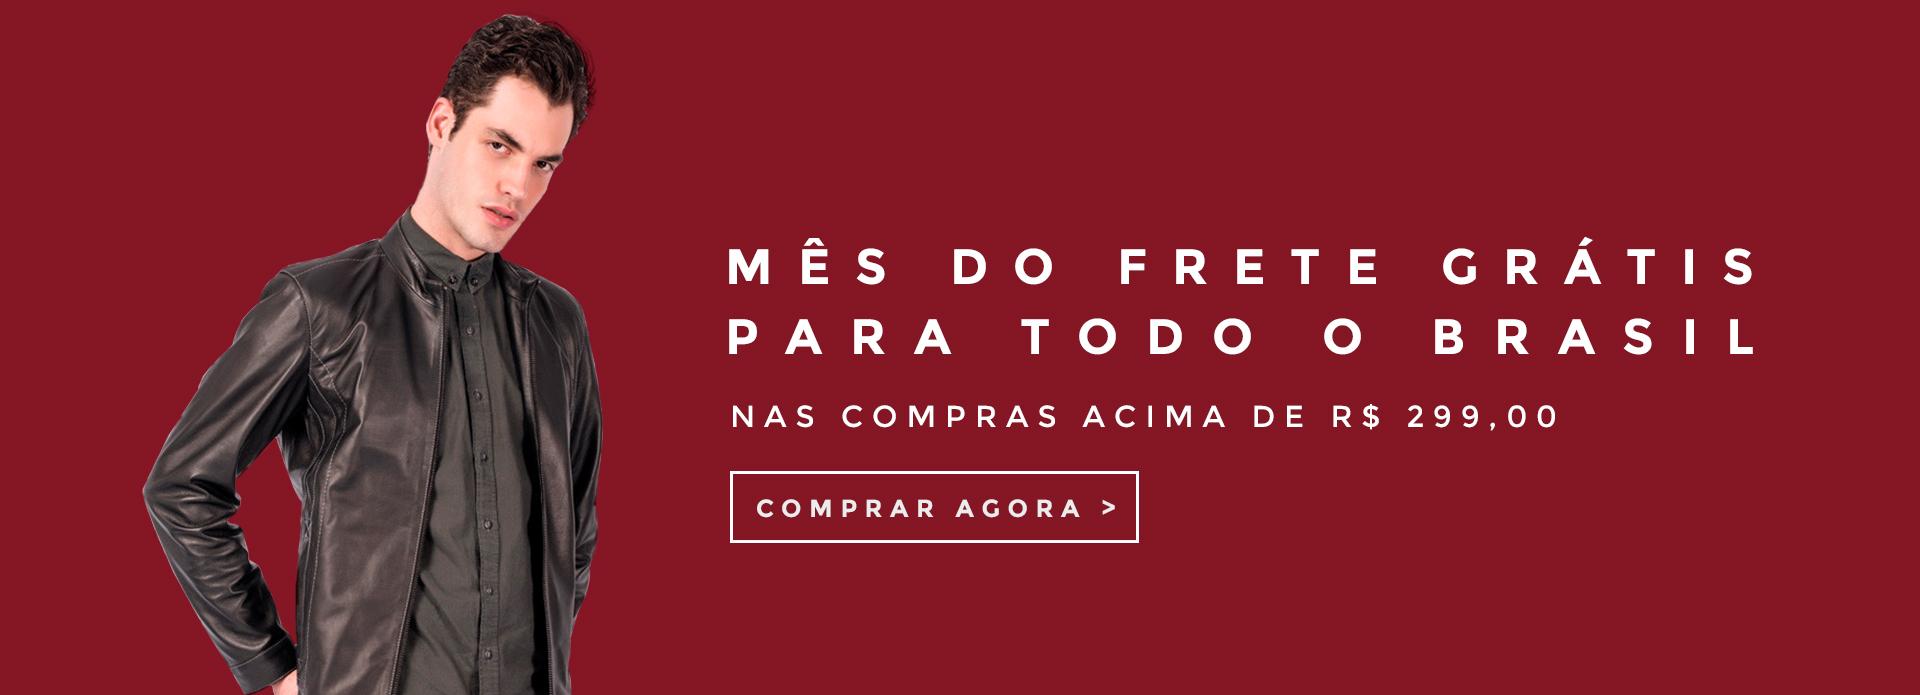 MÊS DE FRETE GRÁTIS